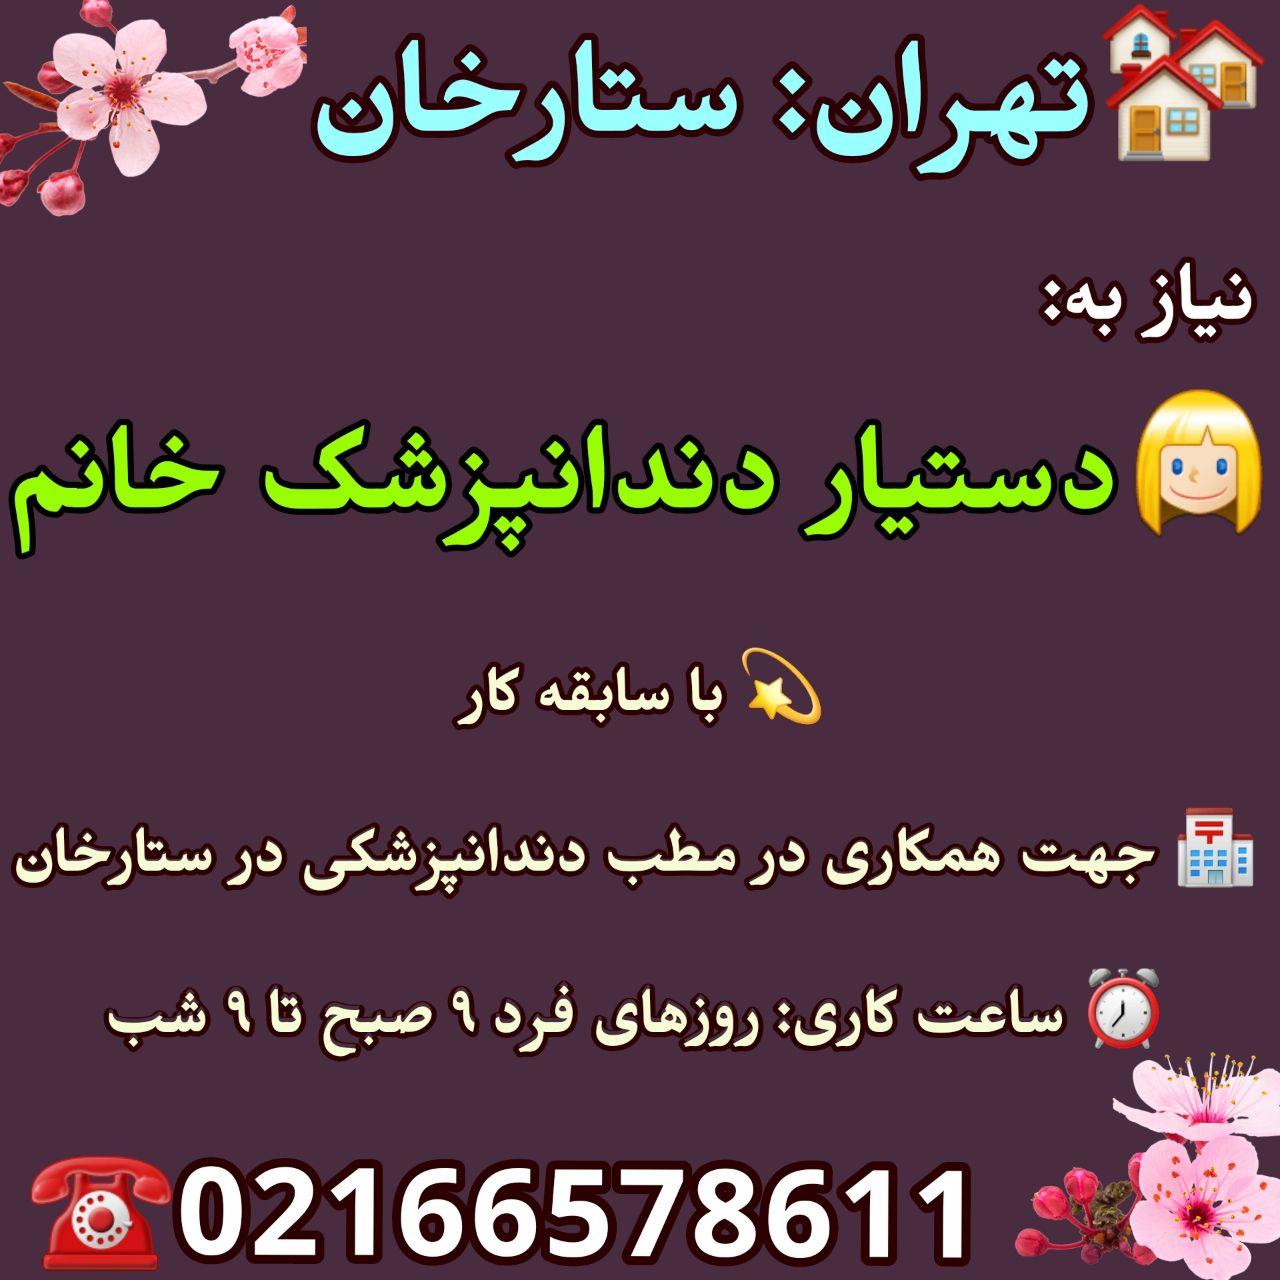 تهران: ستارخان